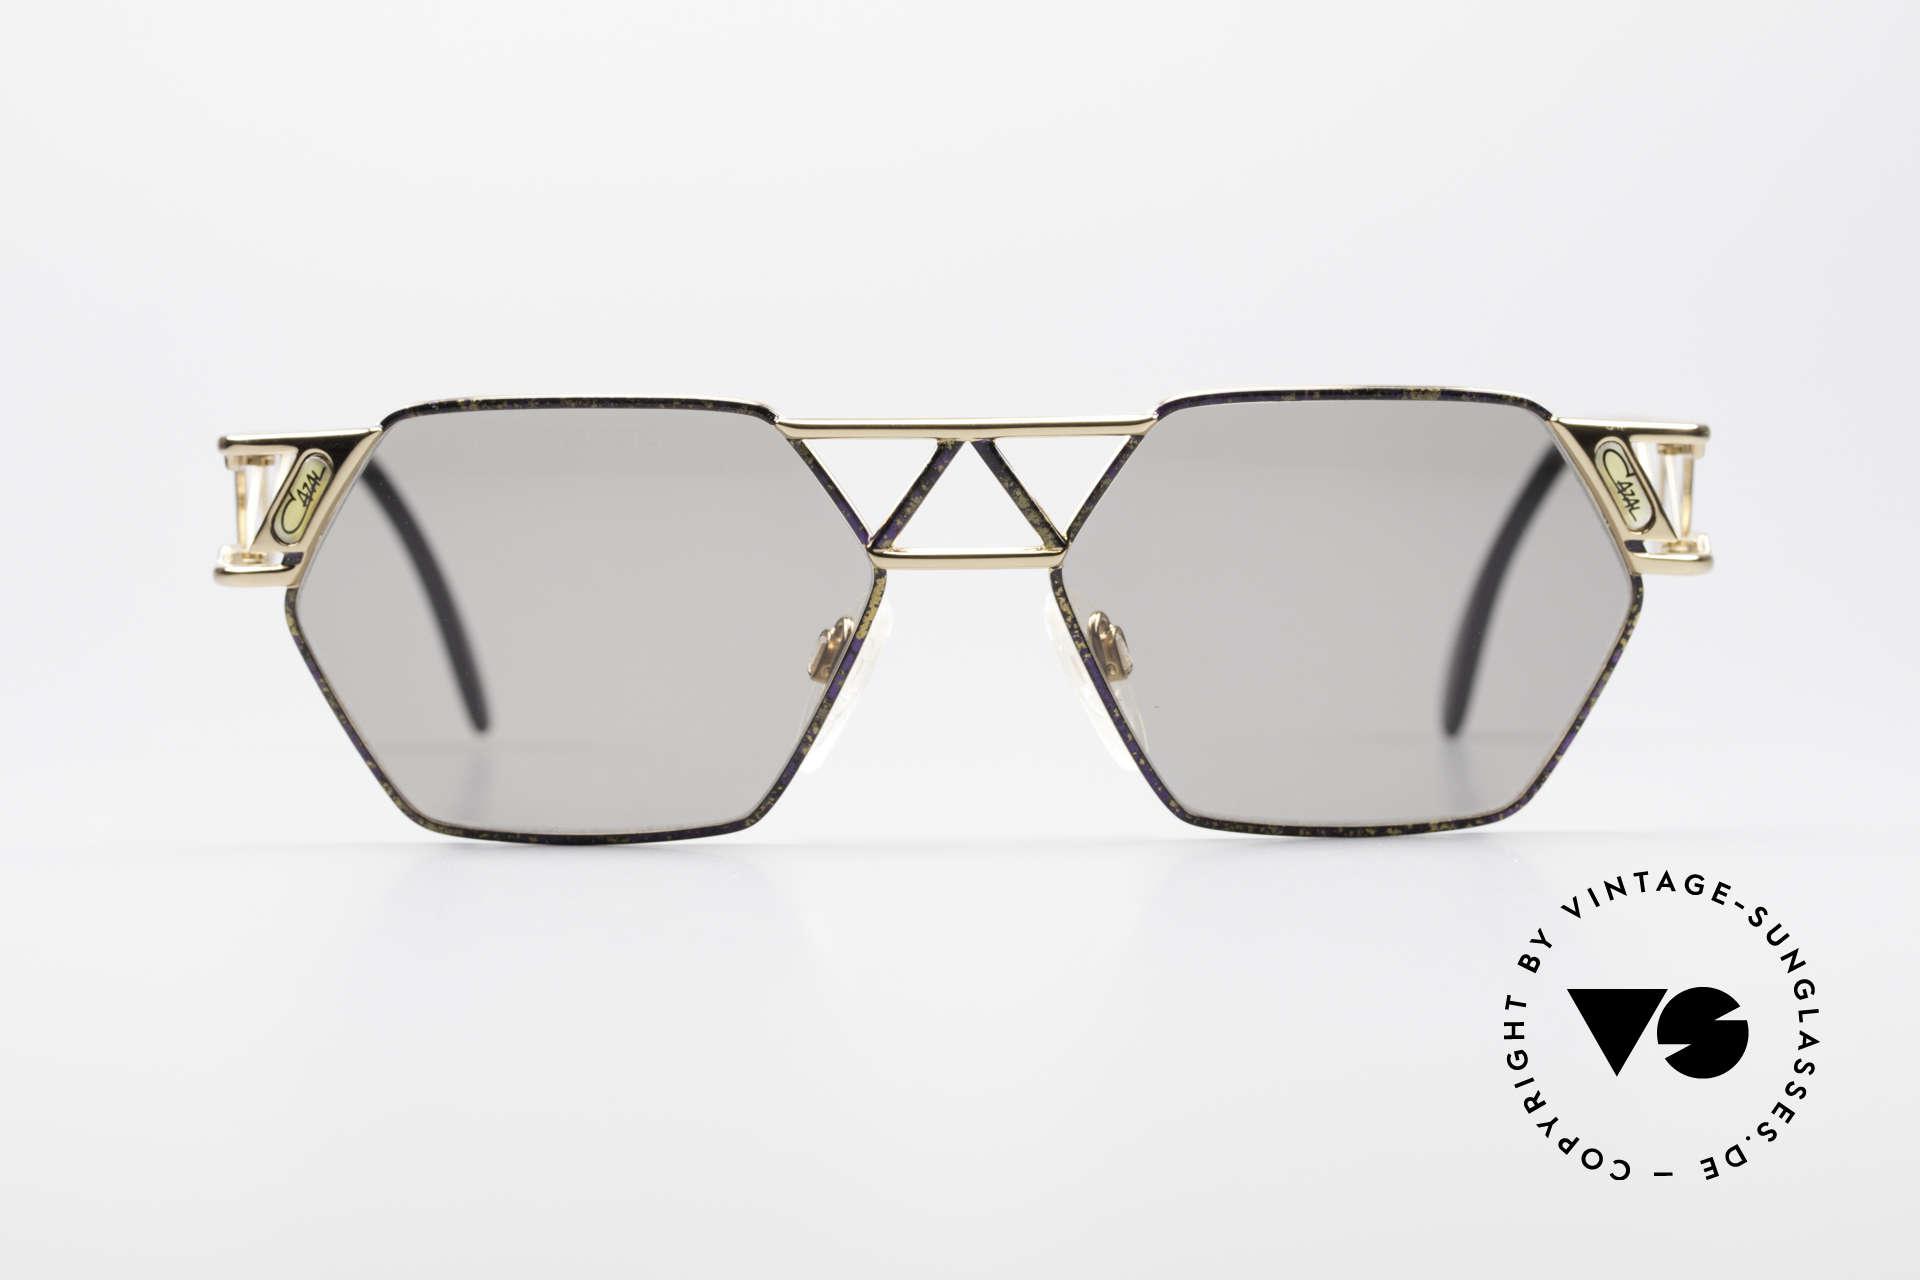 """Cazal 960 Vintage Designer Sonnenbrille, Steg und Bügel im Fachwerkstil (""""Eiffelturm-Style""""), Passend für Herren und Damen"""